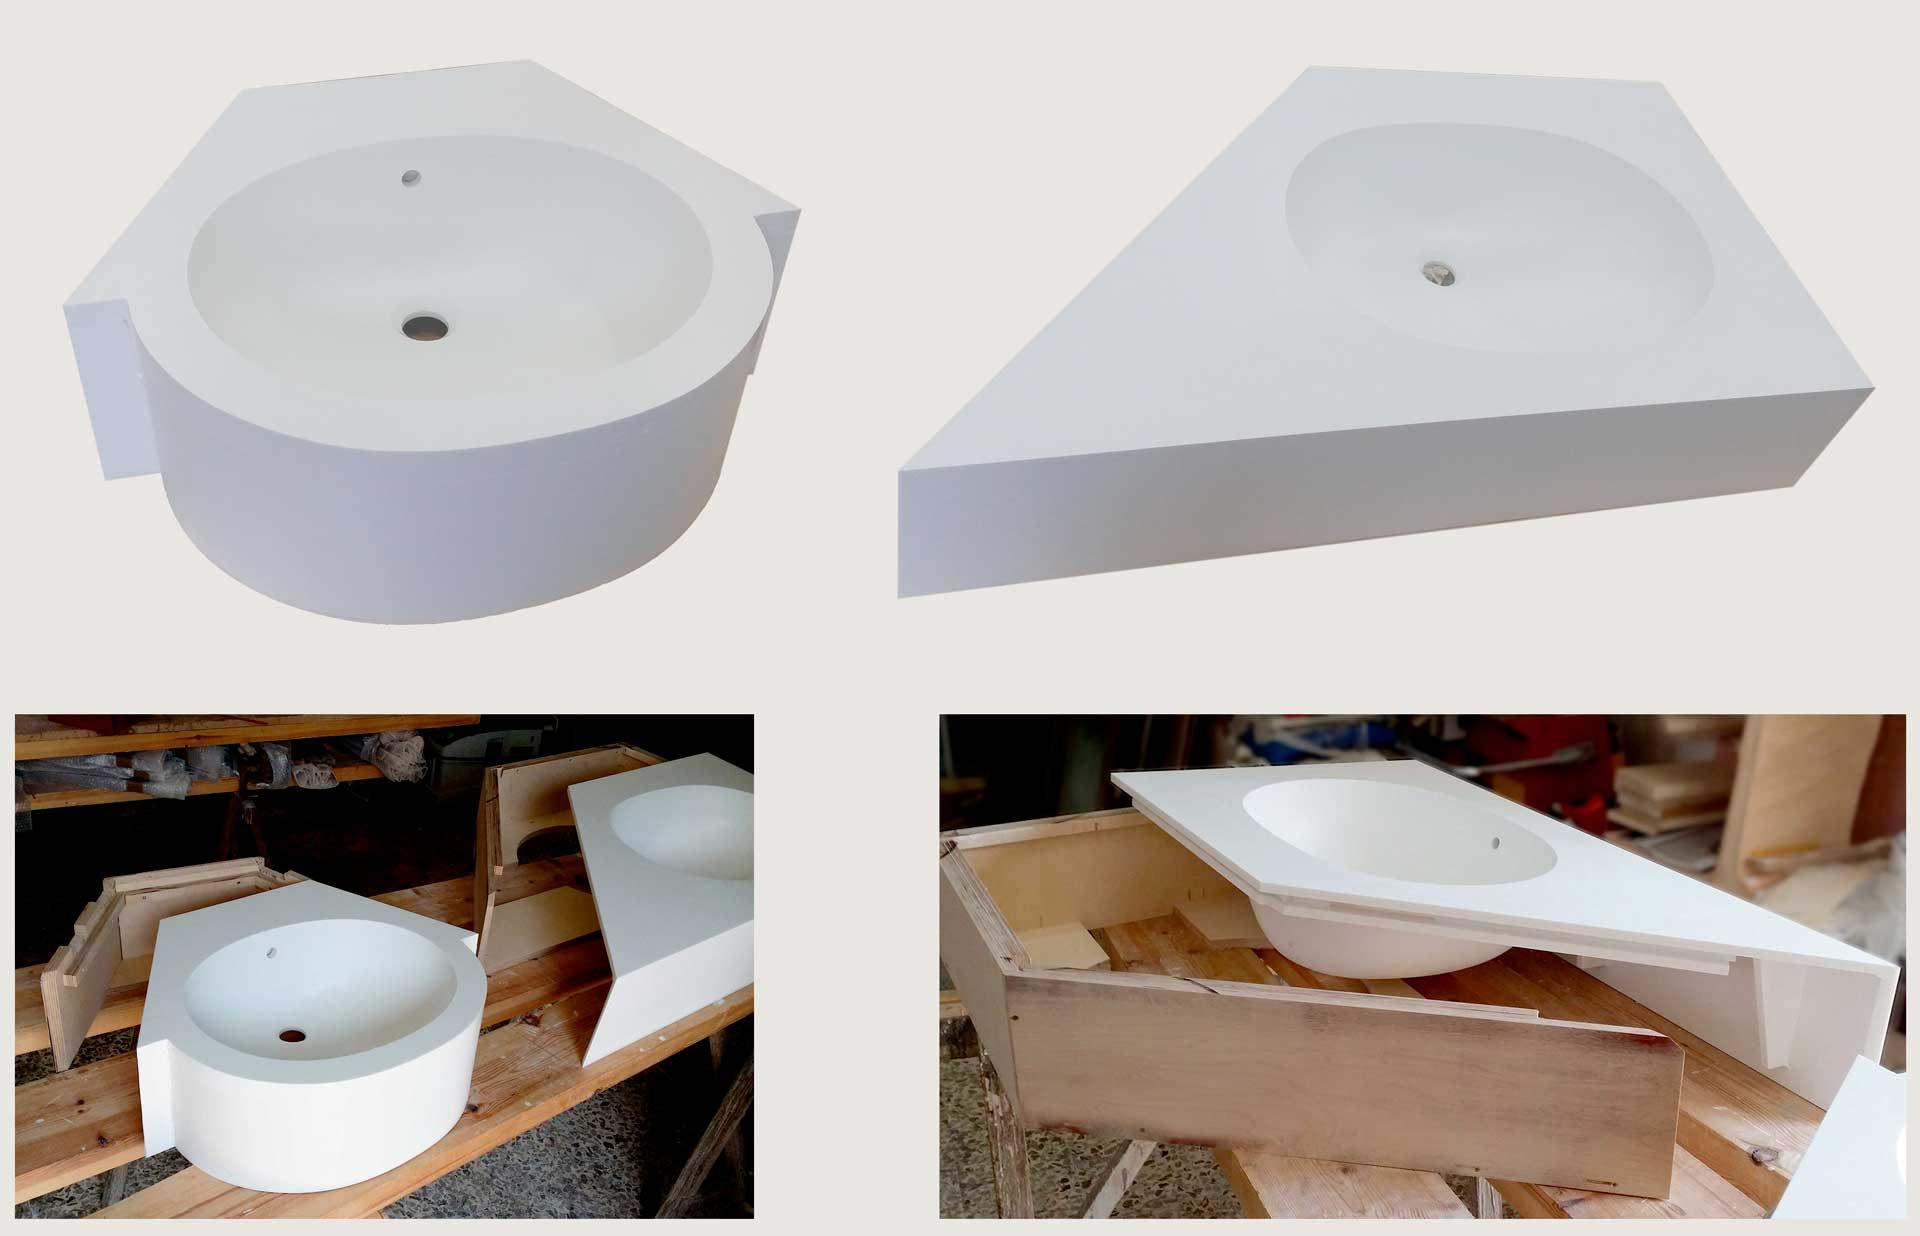 Piano Lavabo In Corian arco arredo design in corian® | lavabi da bagno in corian